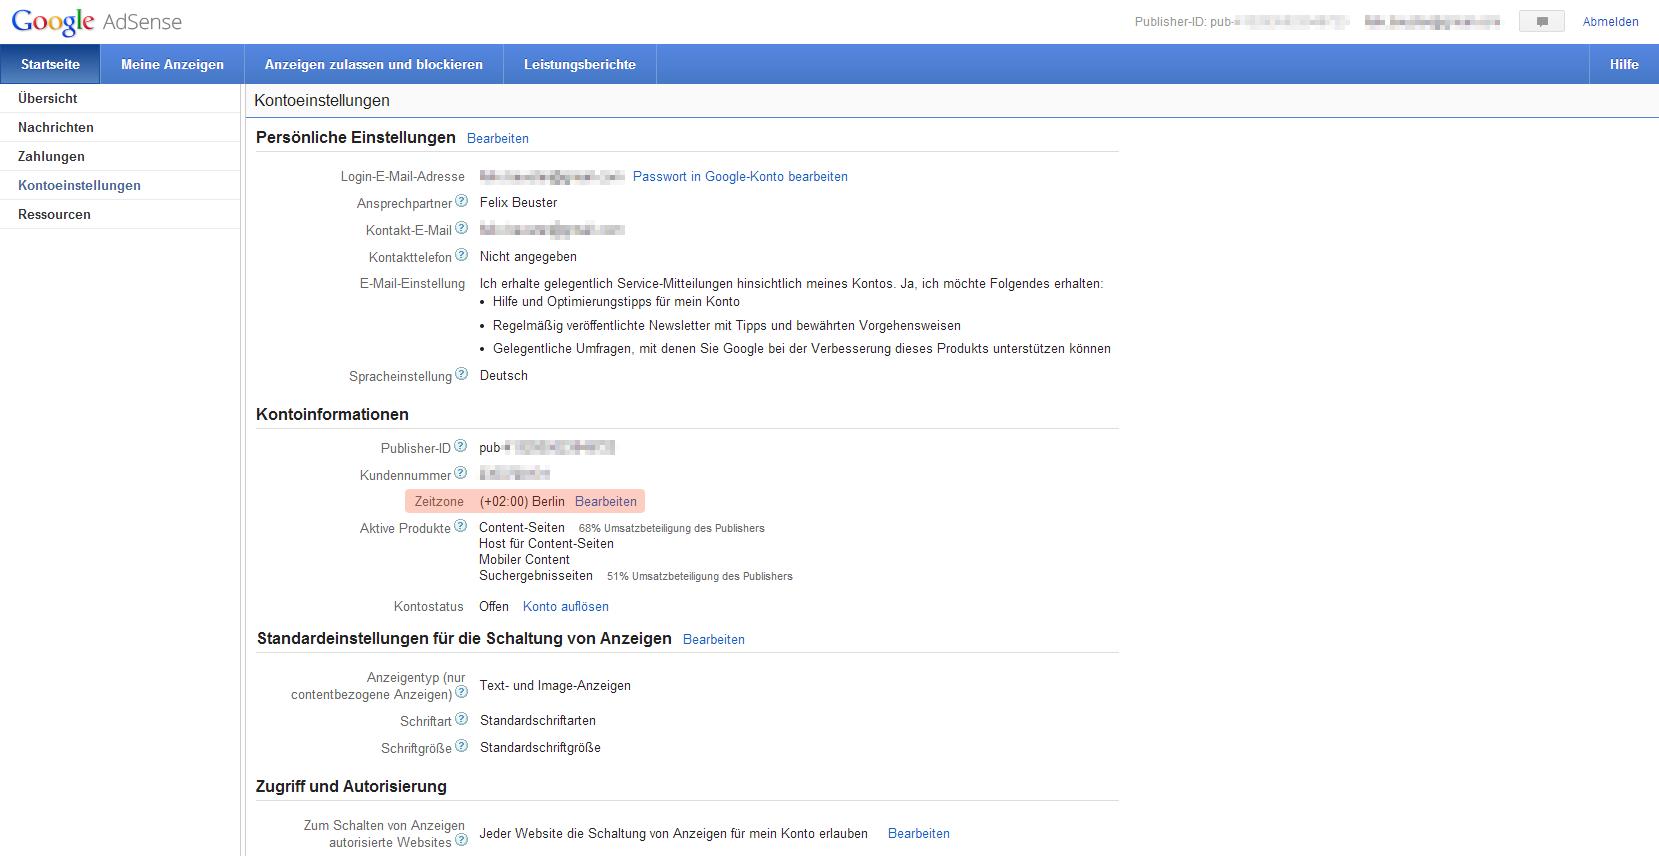 Google AdSense Zeitzone 1